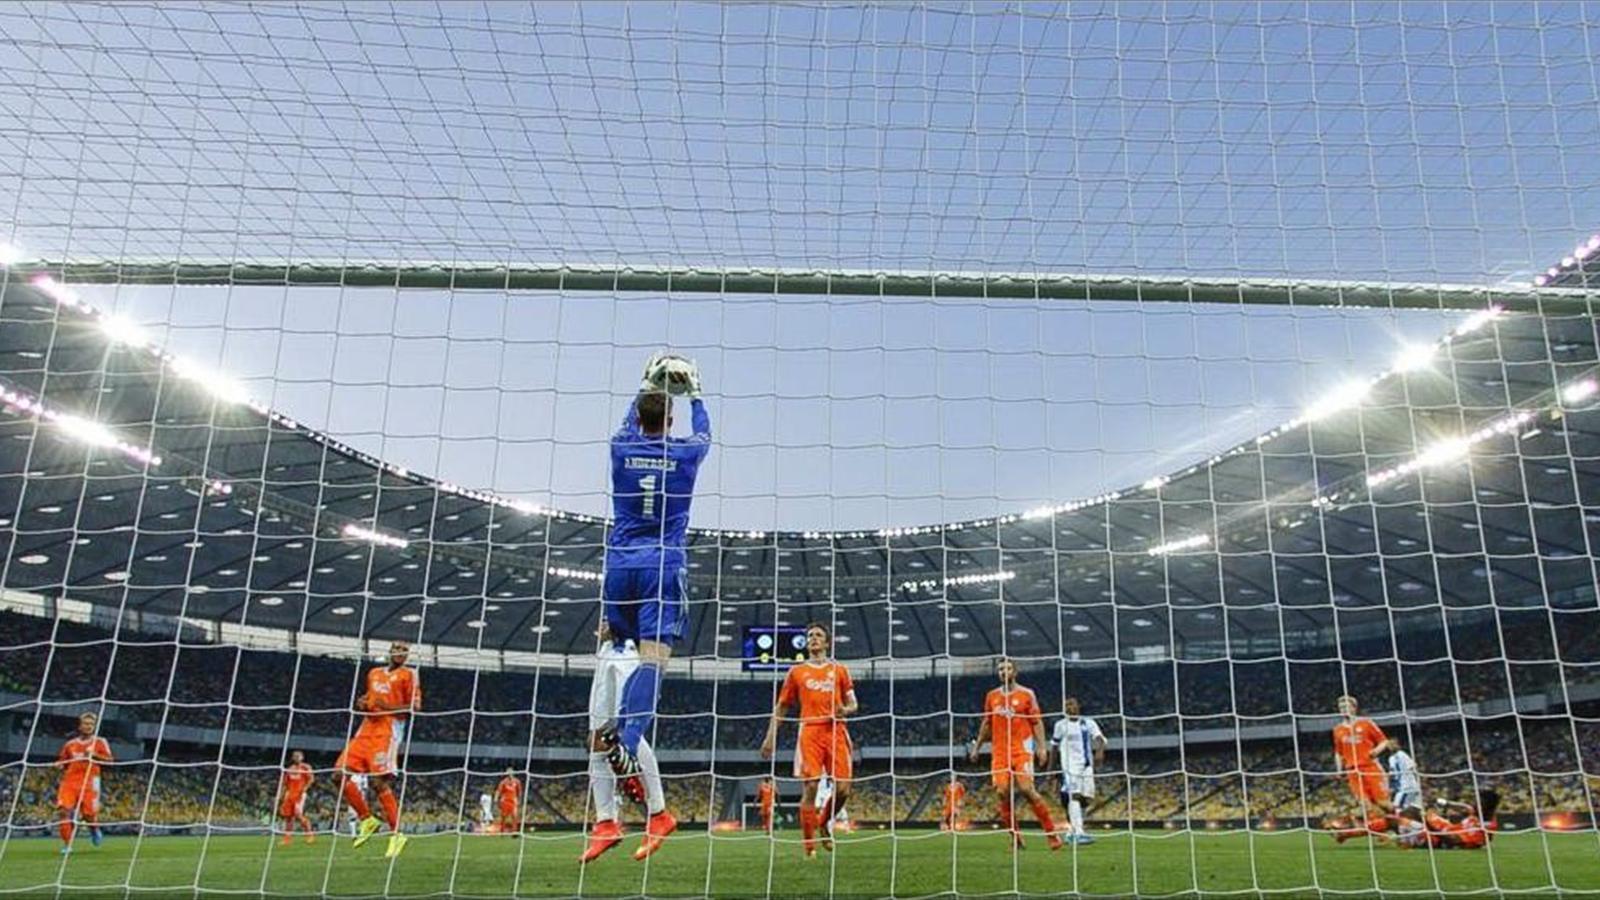 УЕФА начал расследование инцидента на матче «Днепр» – «Копенгаген»